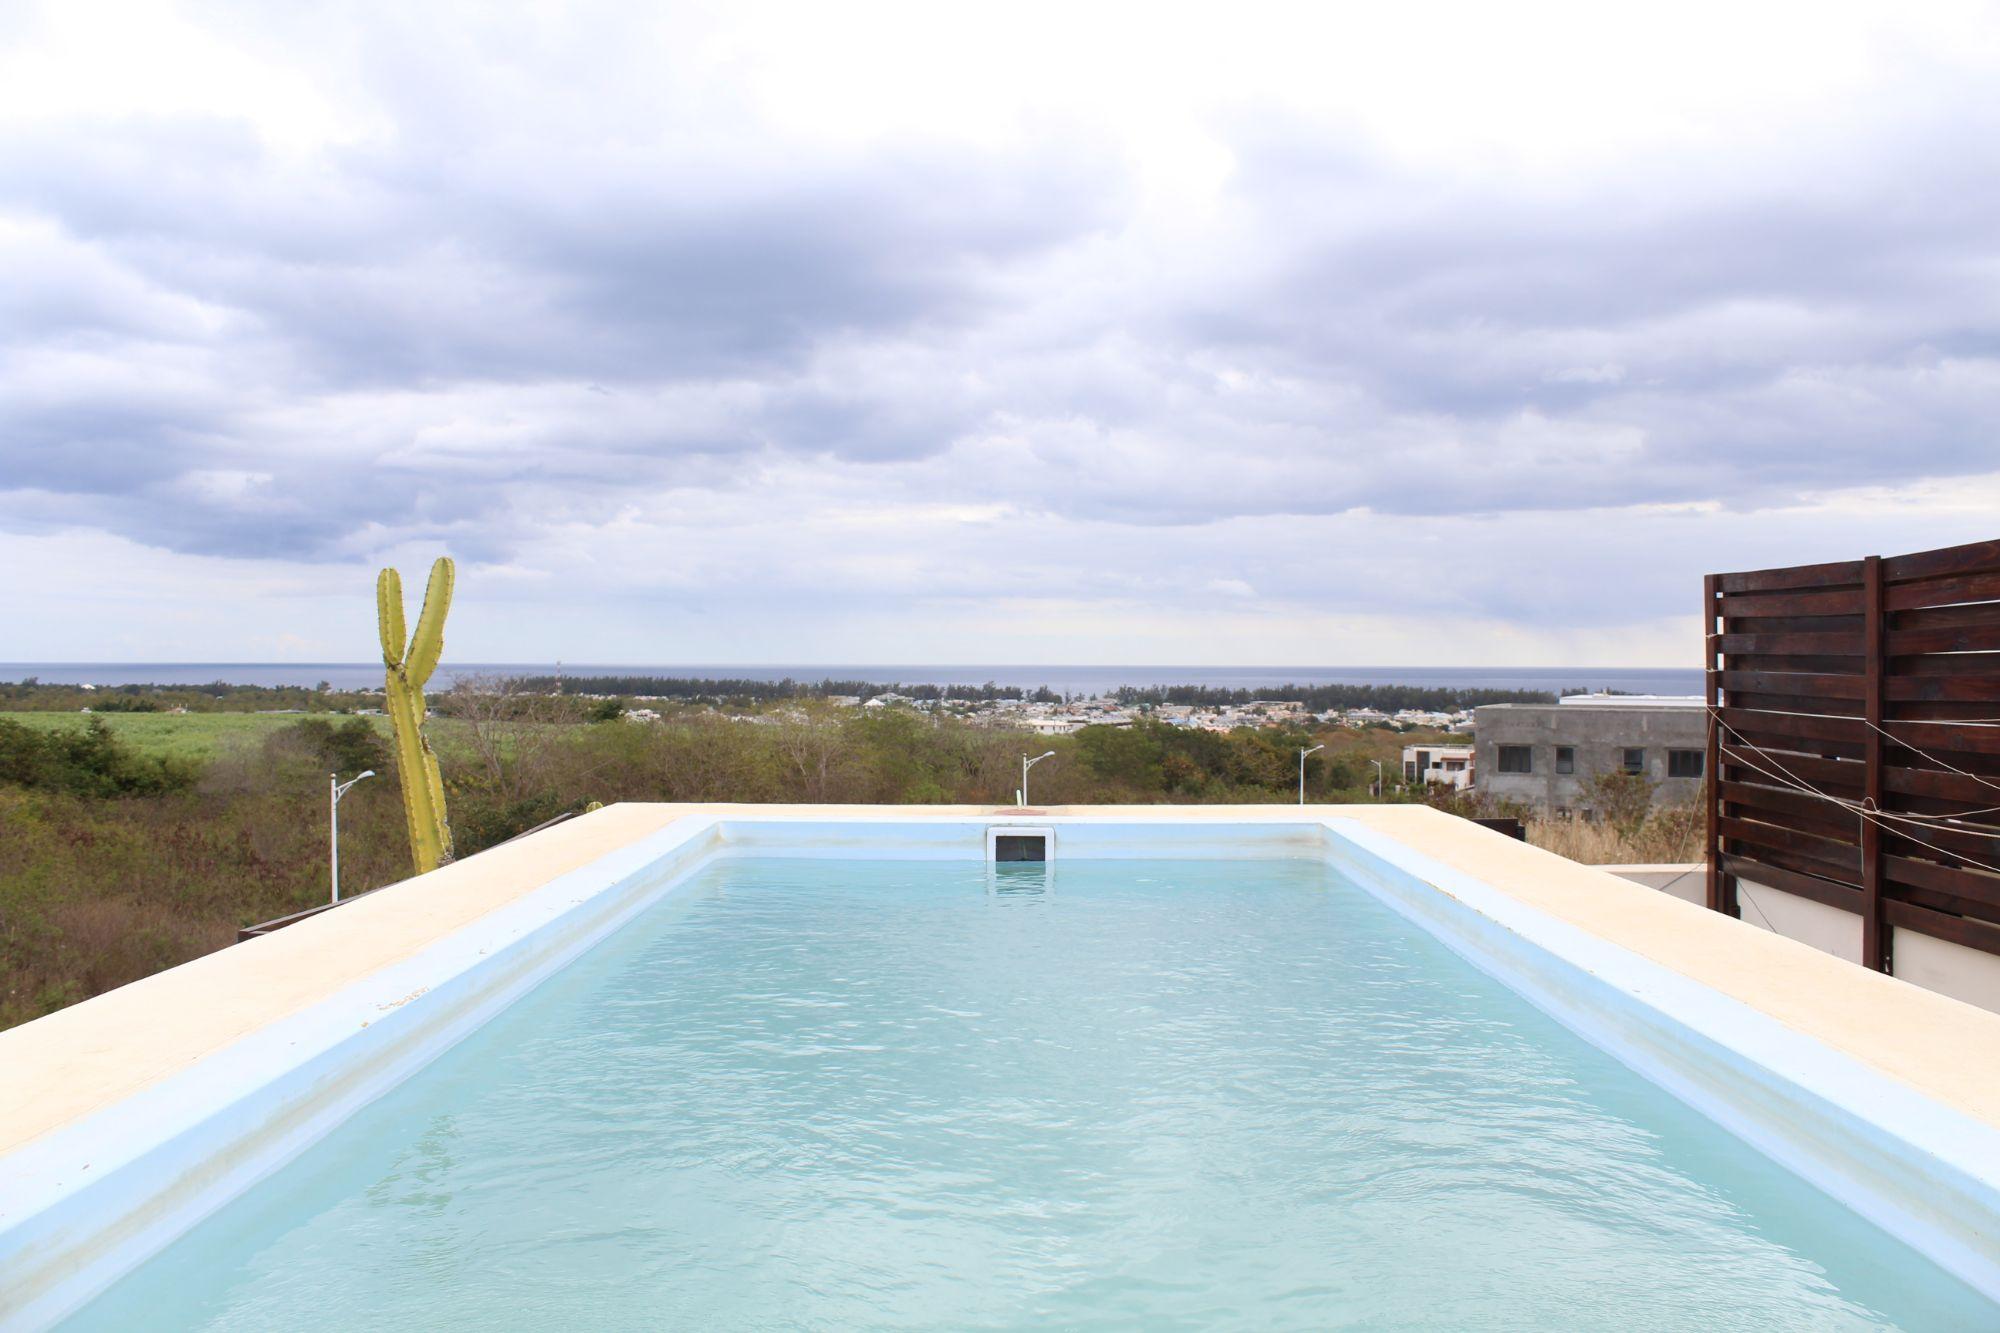 Superbe appartement meubé et équipé de 208 M2 avec piscine privée sur la terrasse au 2ème étage à ciel ouvert avec vue mer et montagne à Flic en Flac.